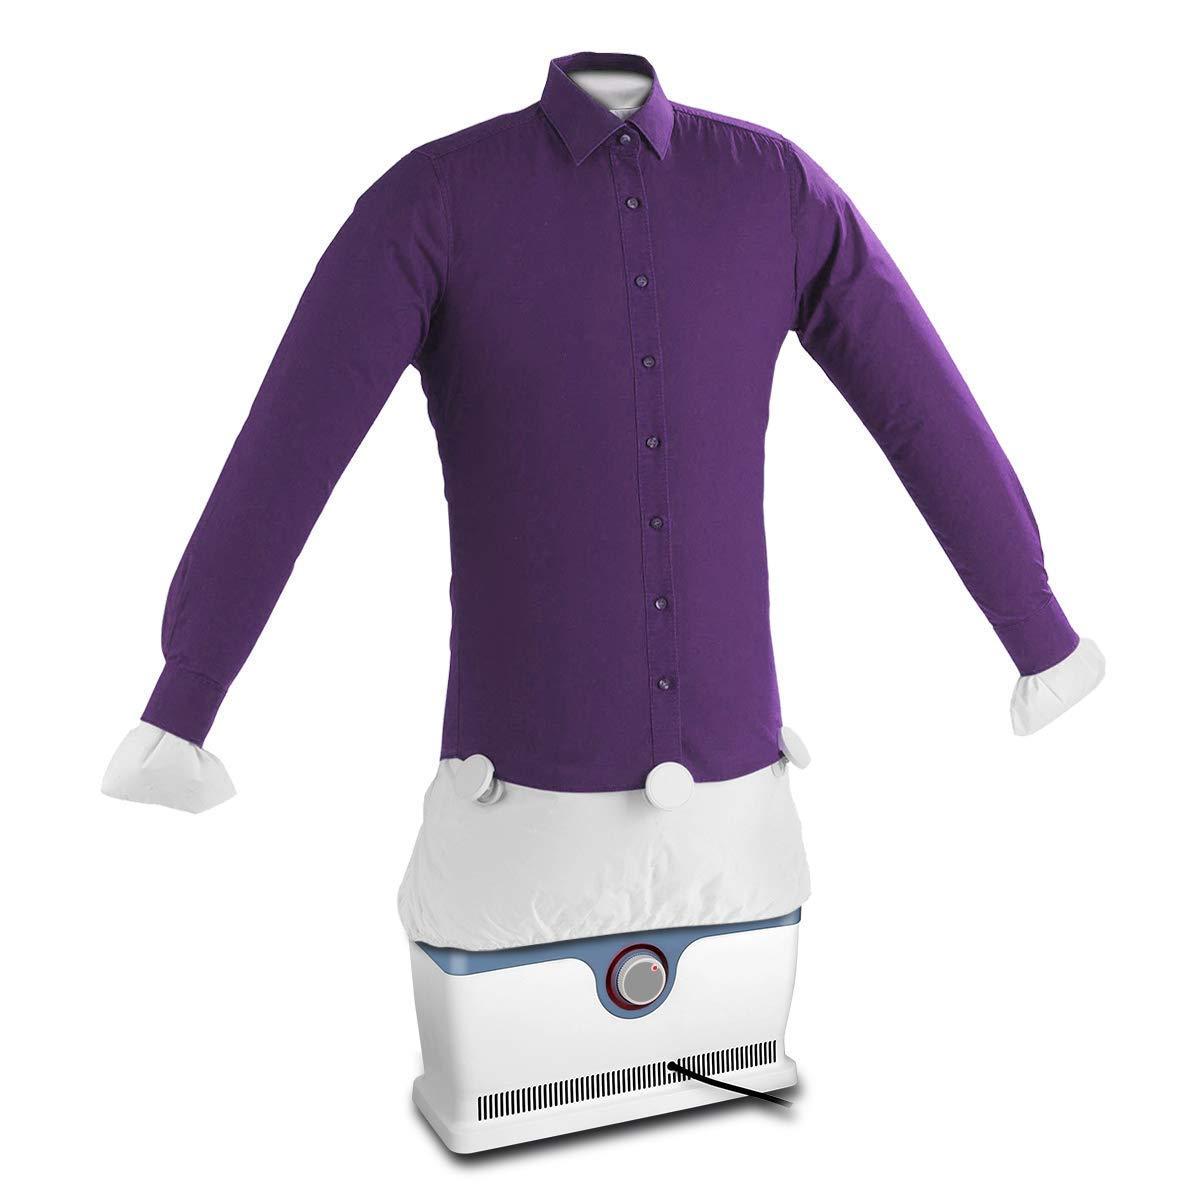 2 in 1 Automatischer Bügler Hemdenbügler Bügelmaschine Bügelpuppe Blusenbügler Ironing Machine Ironer für Hemden und Blusen, Trocknet und Bügelt Kleidung Yistyle